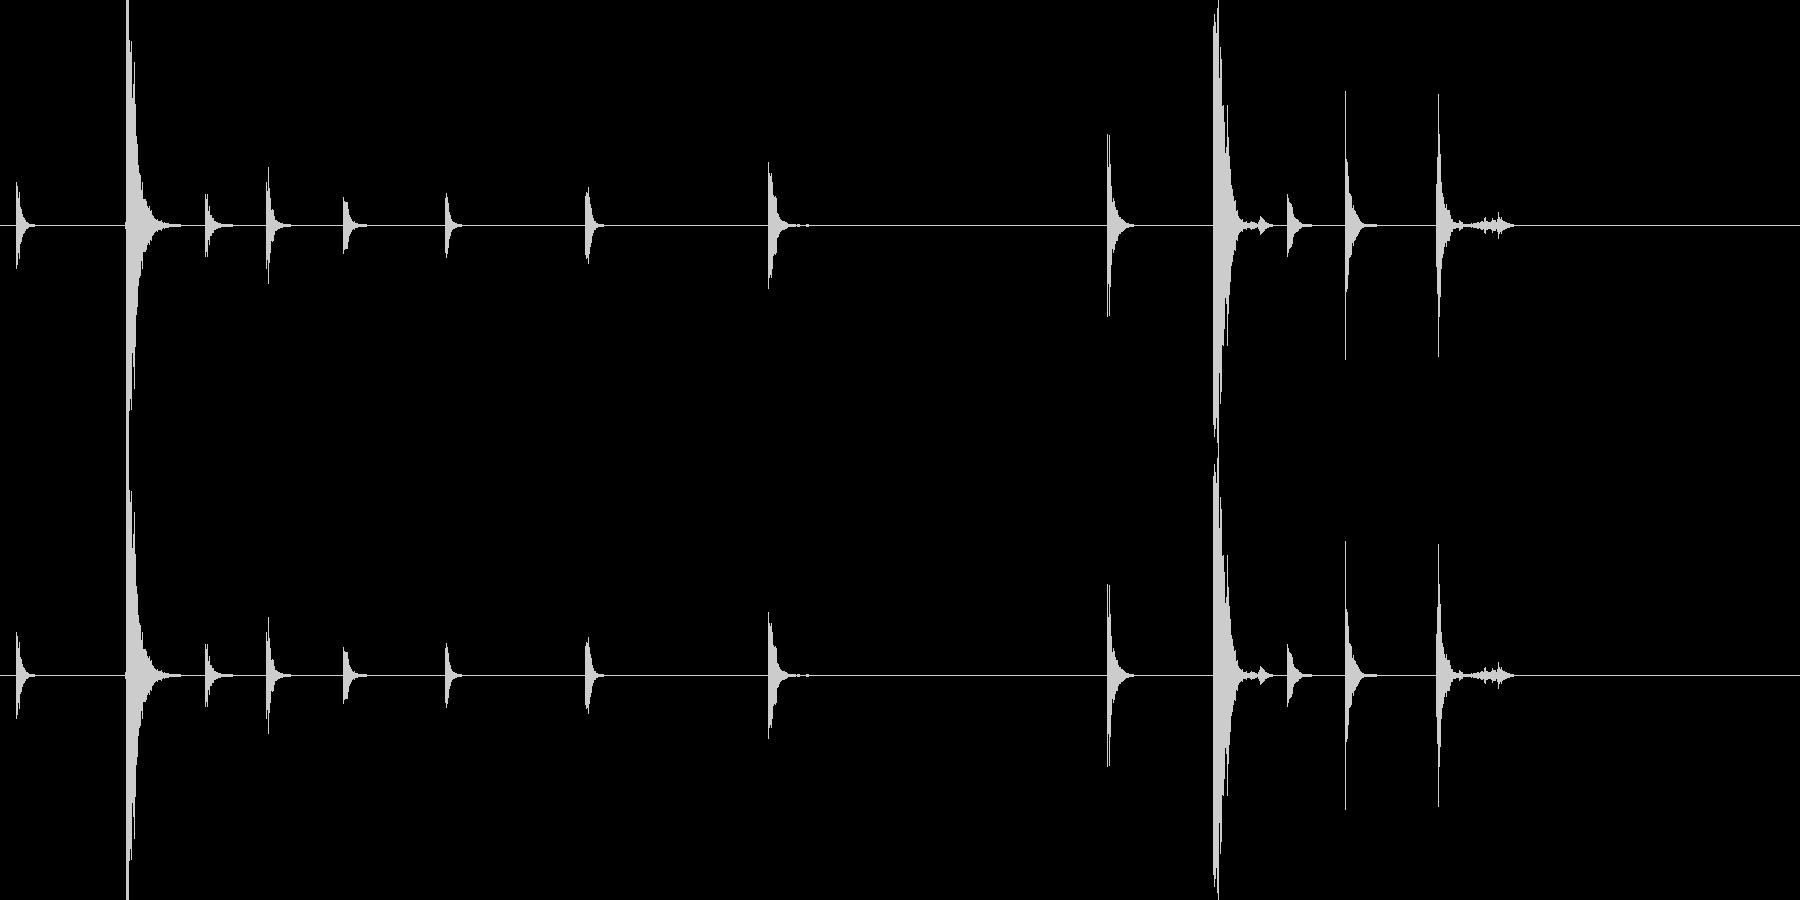 フォーク・ナイフなどを扱う音3の未再生の波形